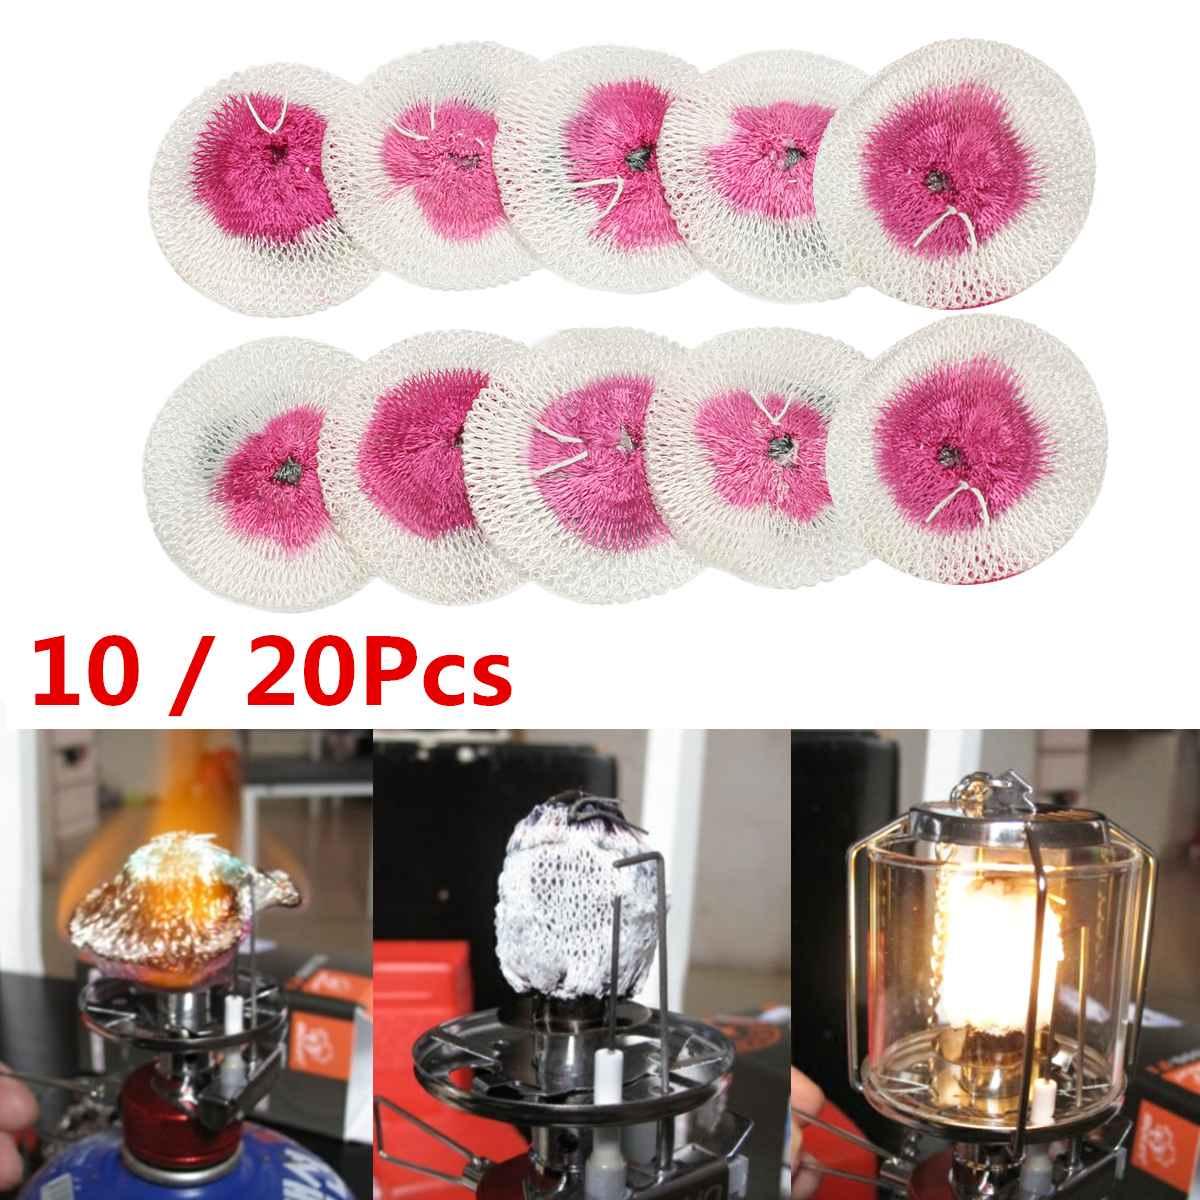 20pcs Mesh Camping Lantern Mantles Lamp Mantle Paraffin Lamp Gas Lamp Cover